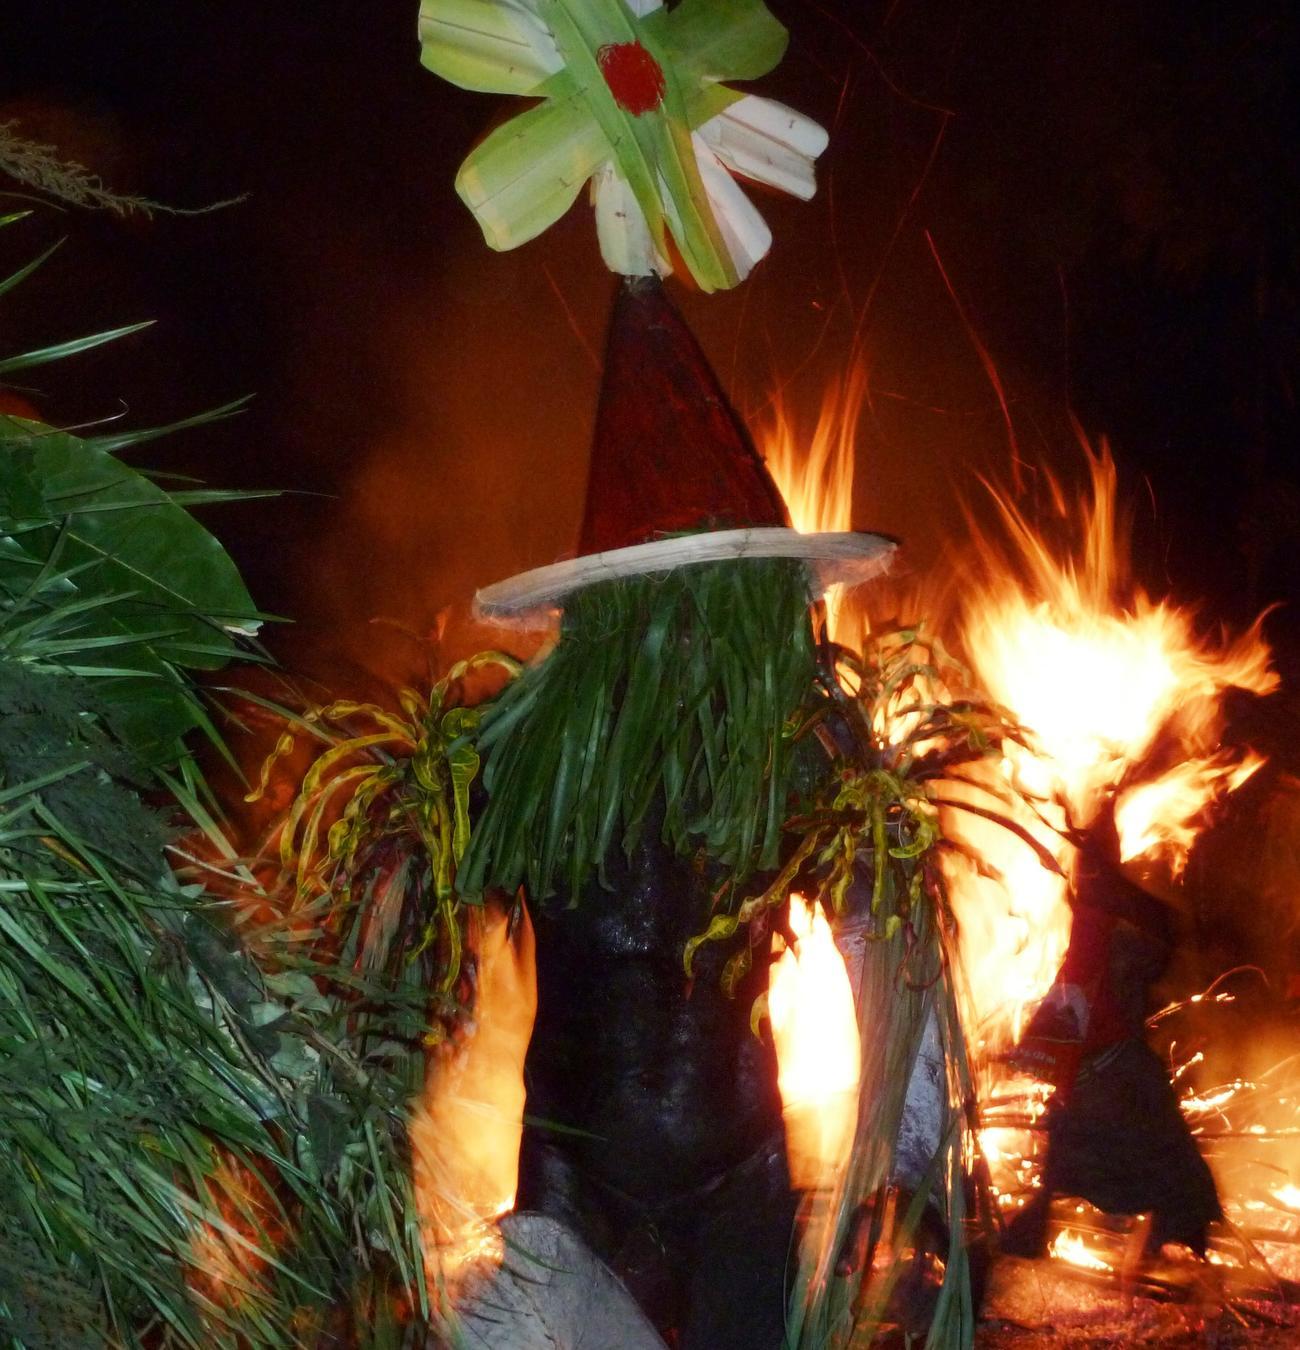 Fire festival in Papua New Guinea